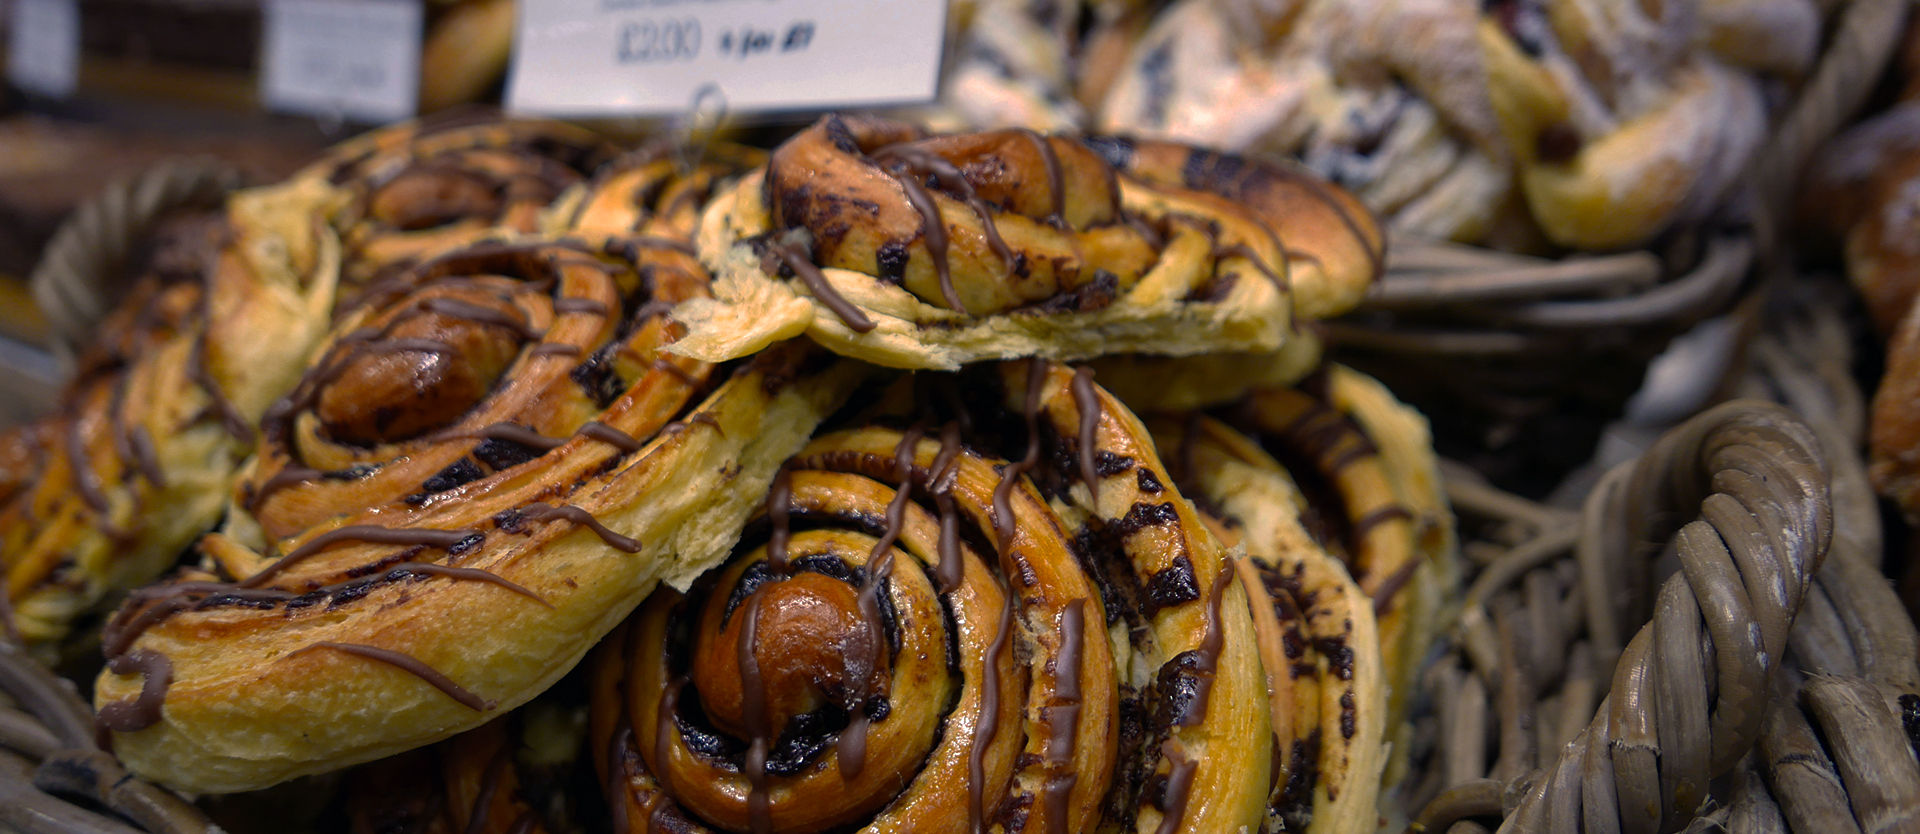 Danish pastry - cake